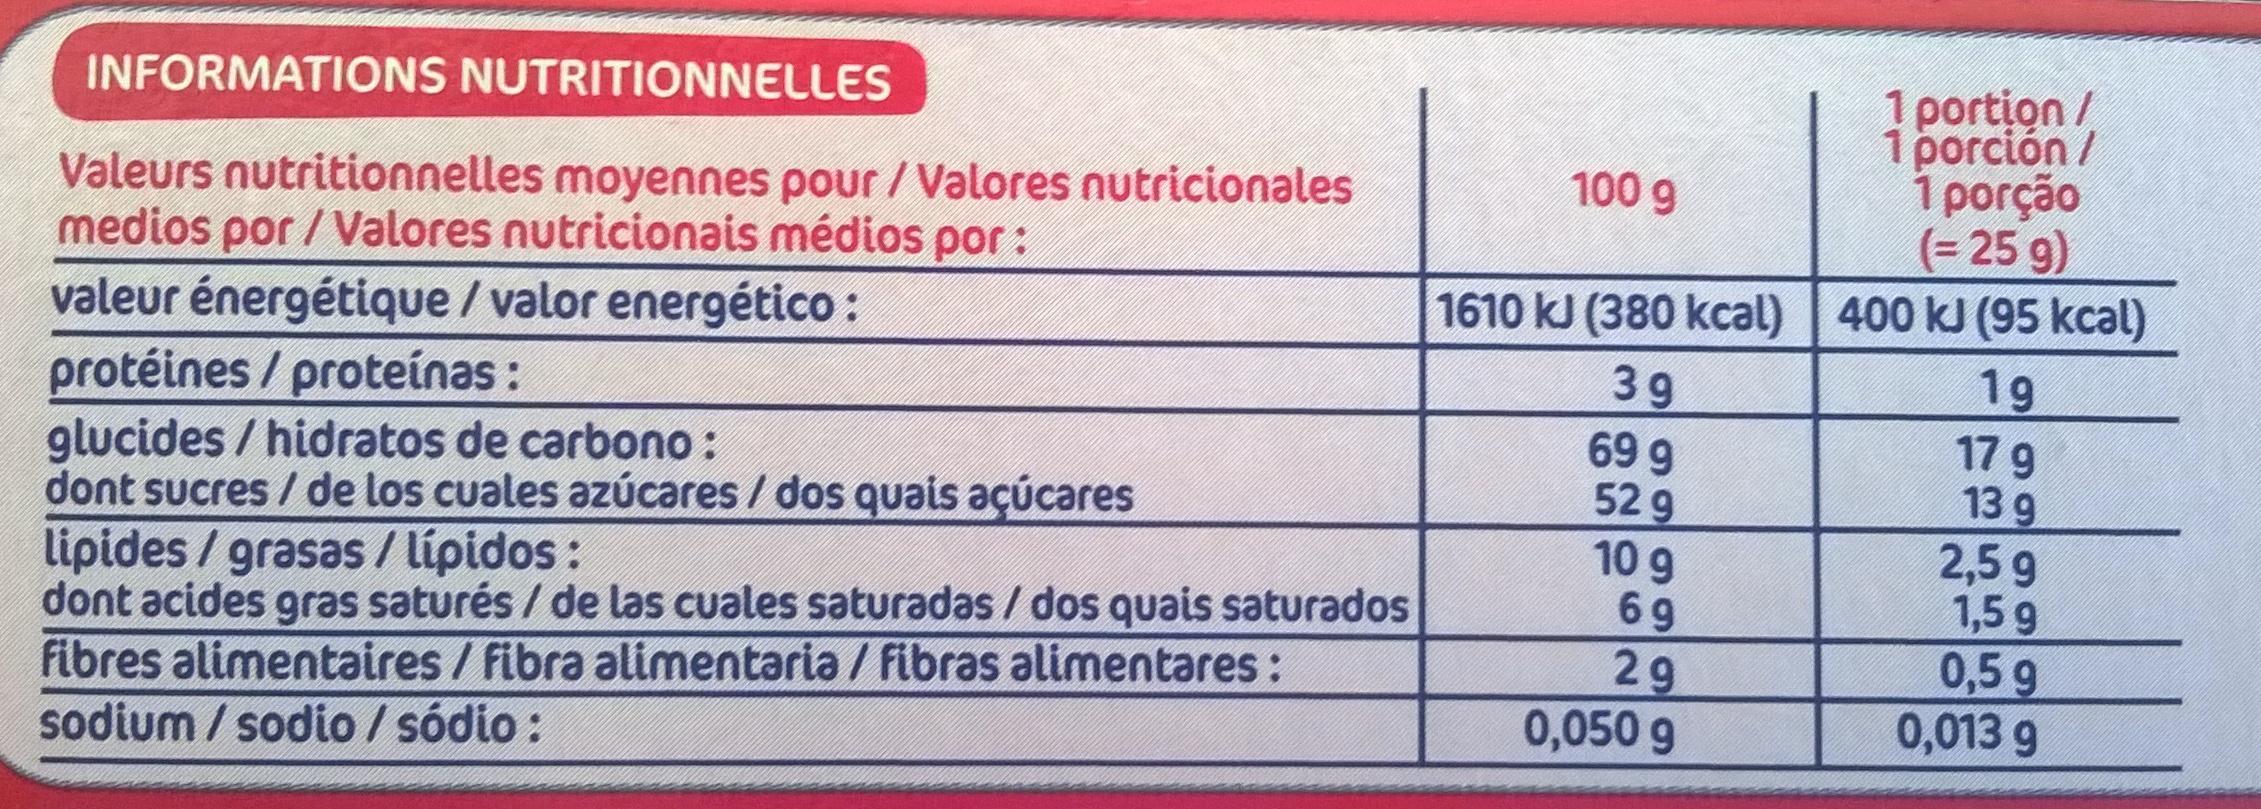 Génoises fourrées à la cerise nappées de chocolat blanc - Informations nutritionnelles - fr